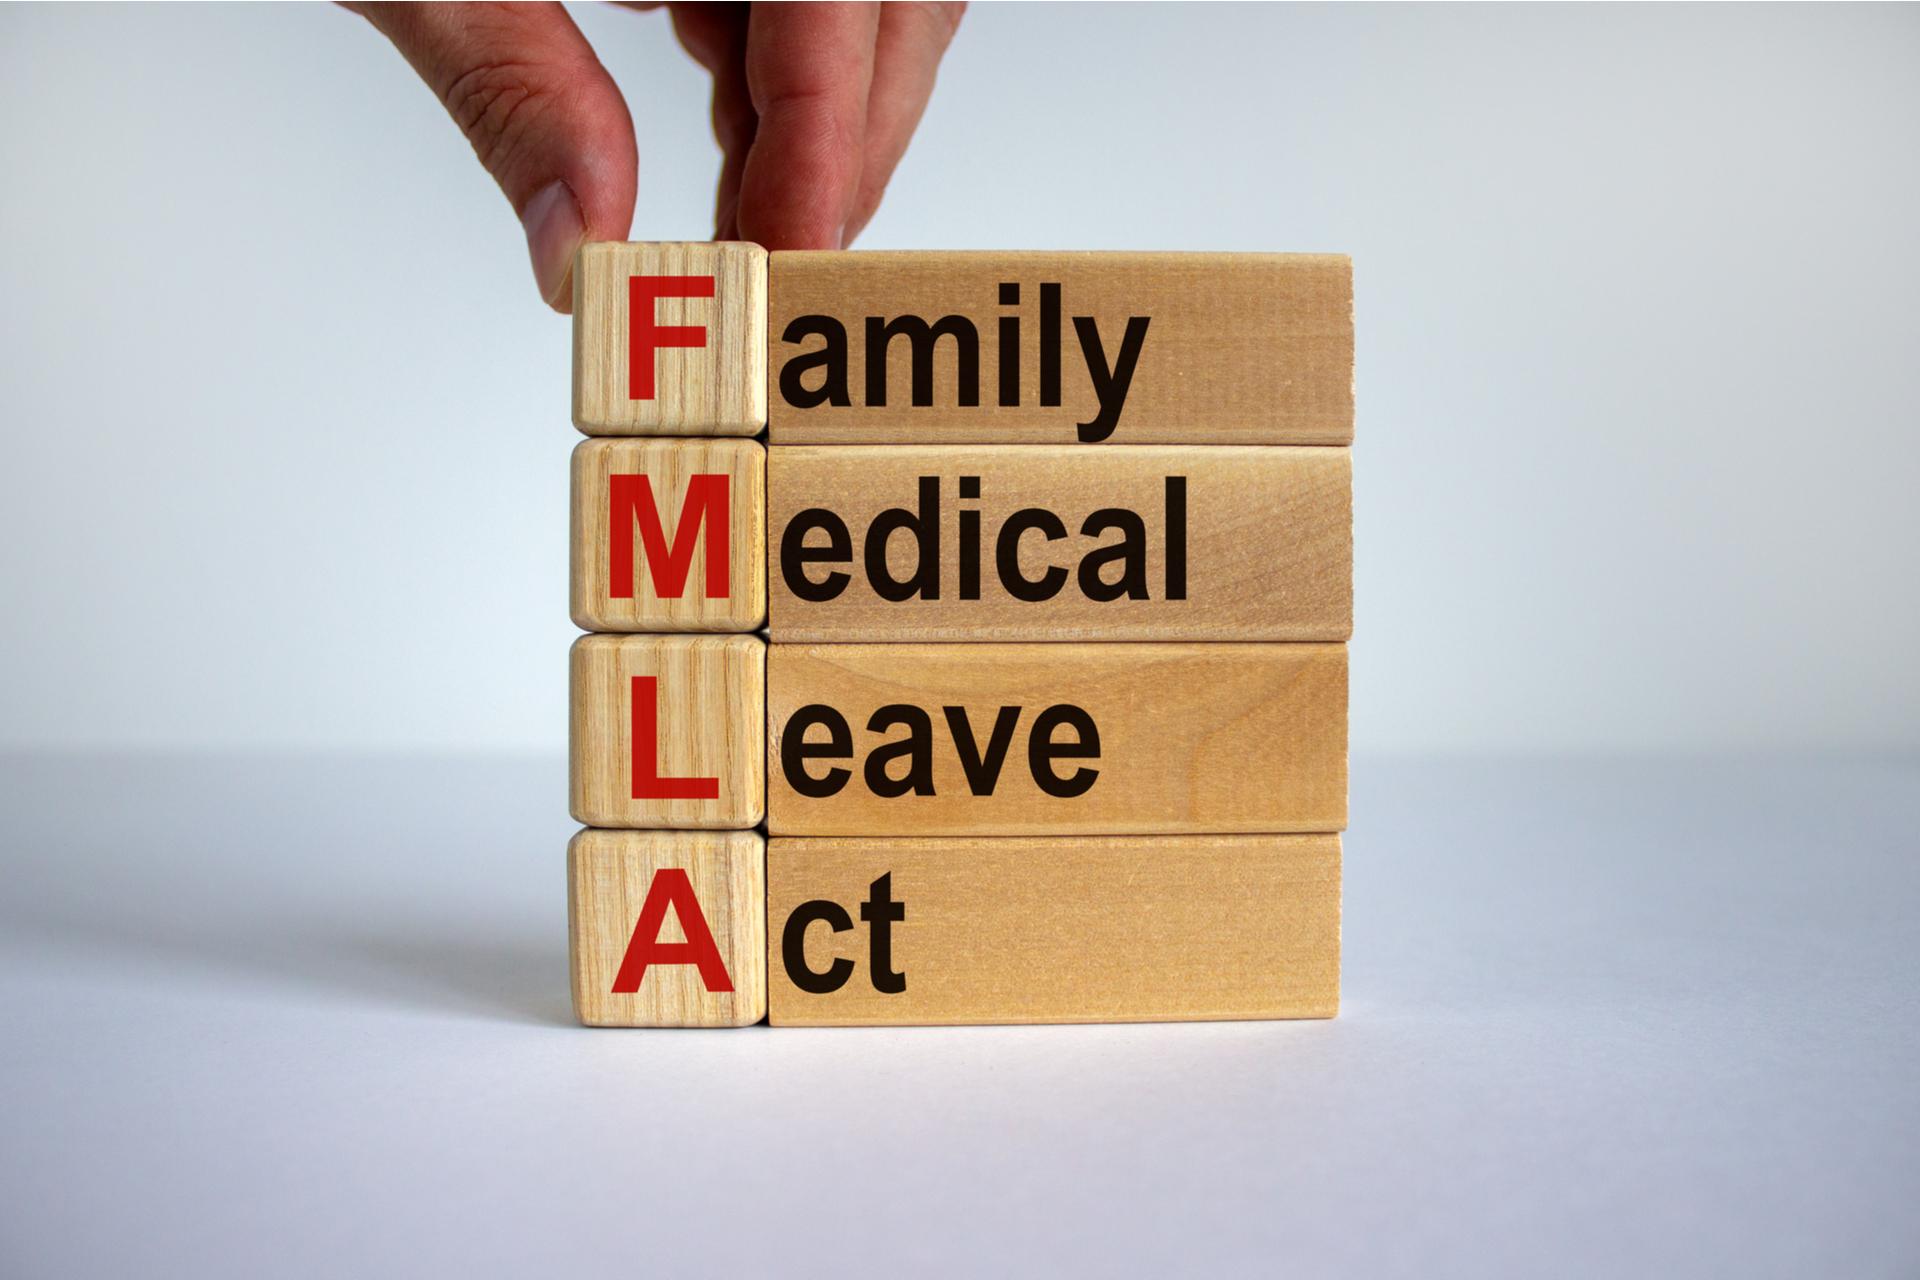 FMLA guidance